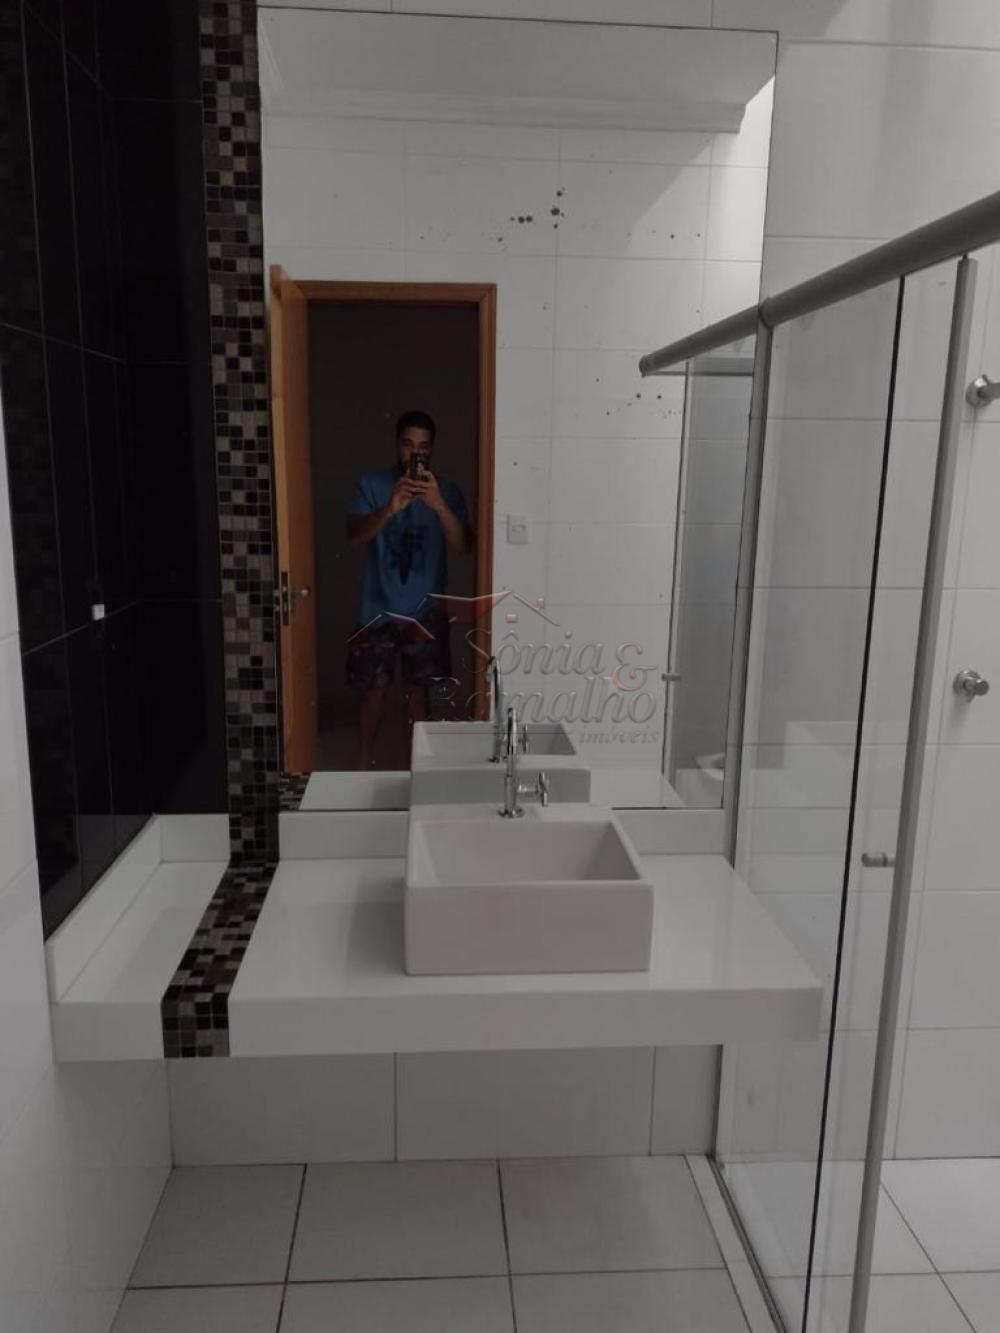 Alugar Casas / Padrão em Ribeirão Preto R$ 2.300,00 - Foto 9